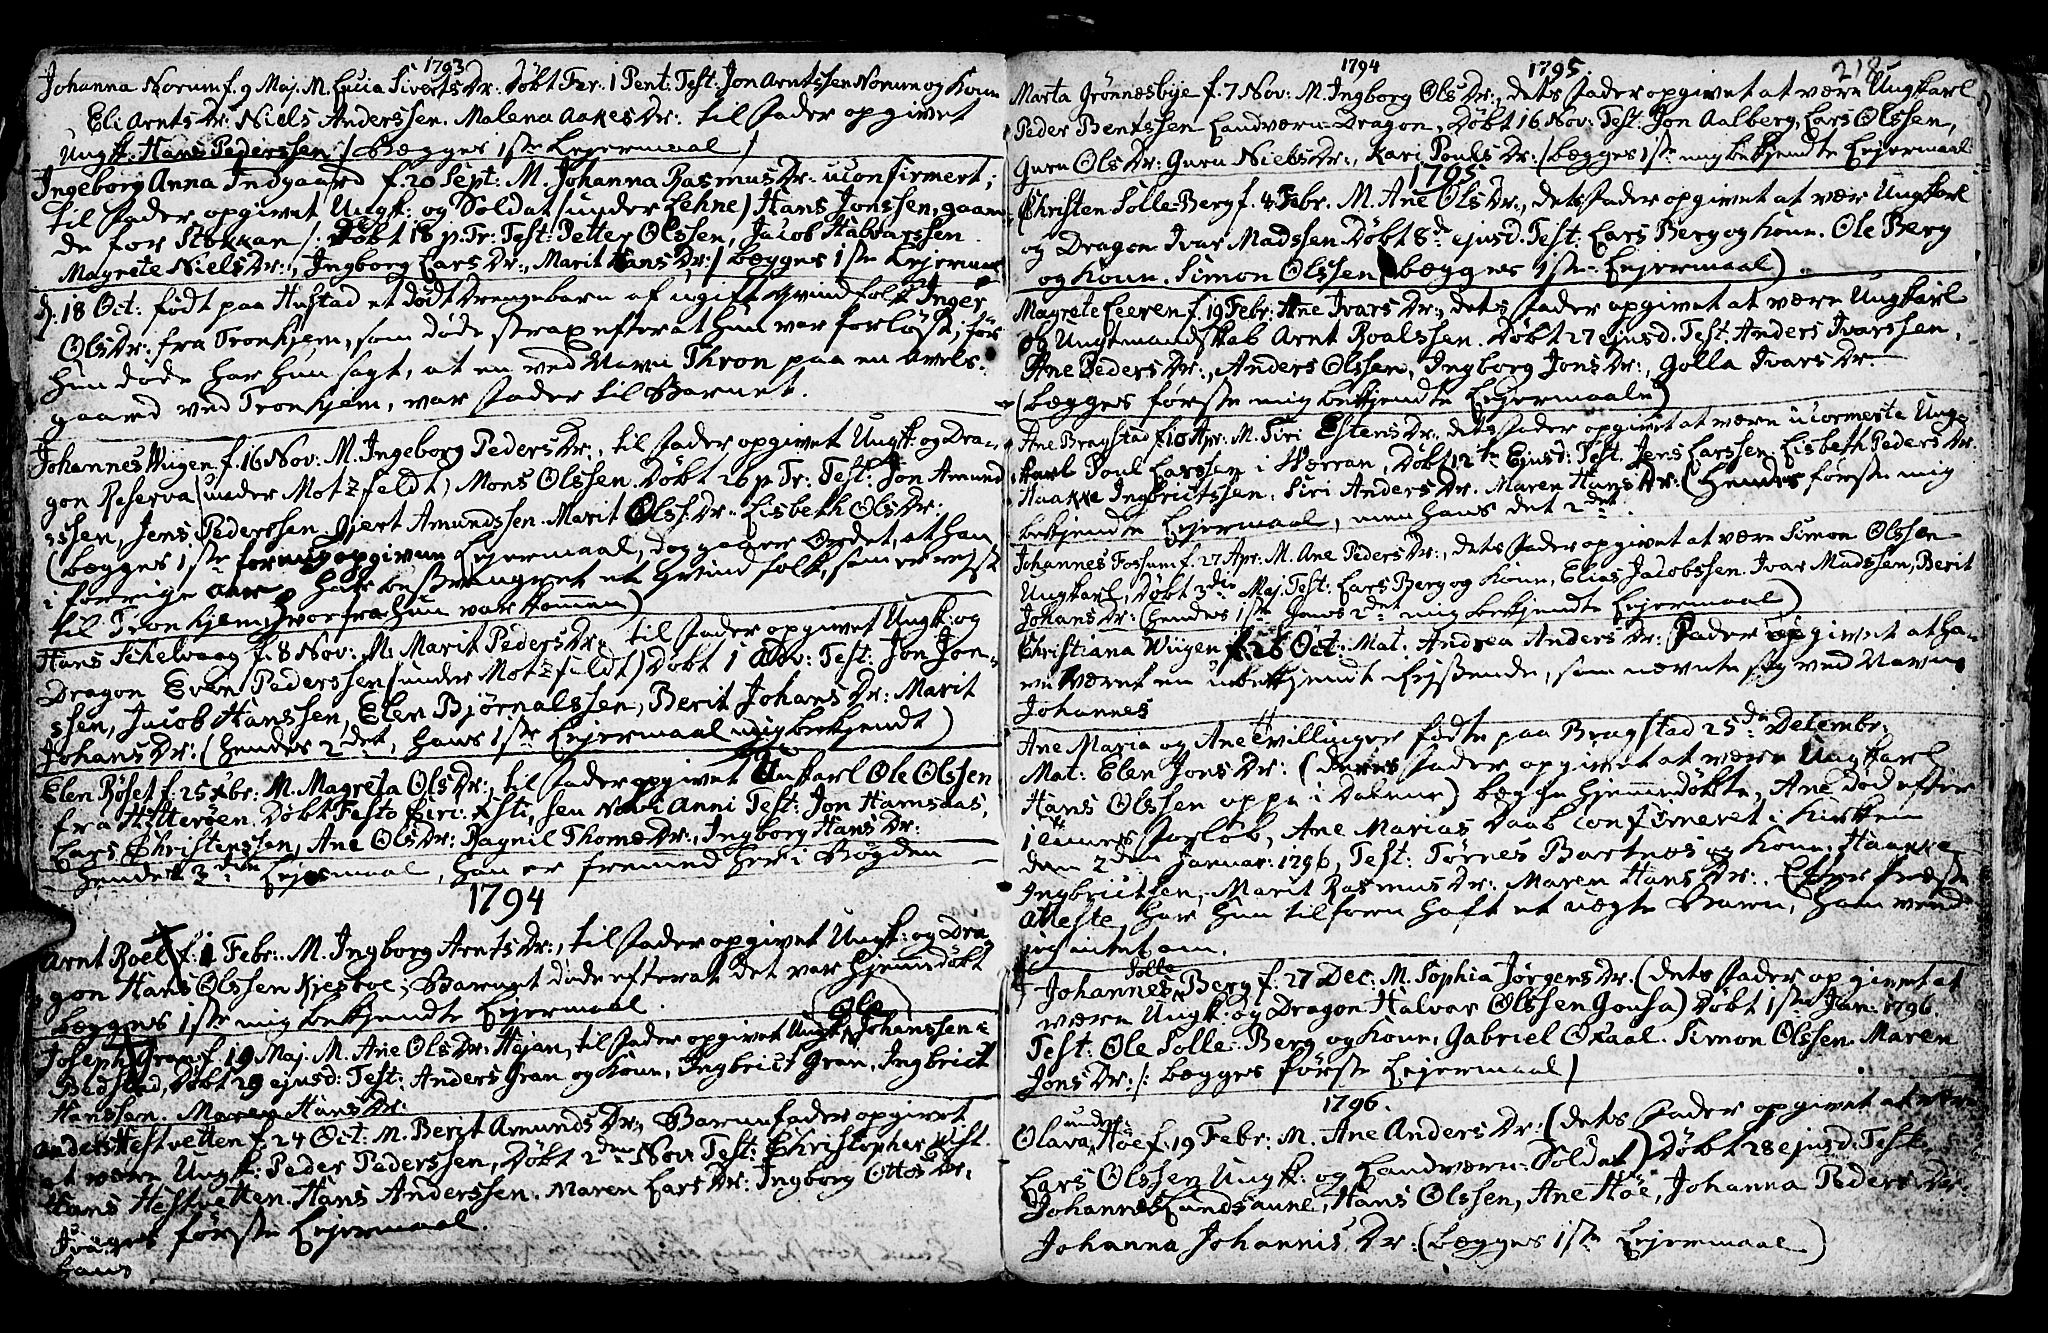 SAT, Ministerialprotokoller, klokkerbøker og fødselsregistre - Nord-Trøndelag, 730/L0273: Ministerialbok nr. 730A02, 1762-1802, s. 218